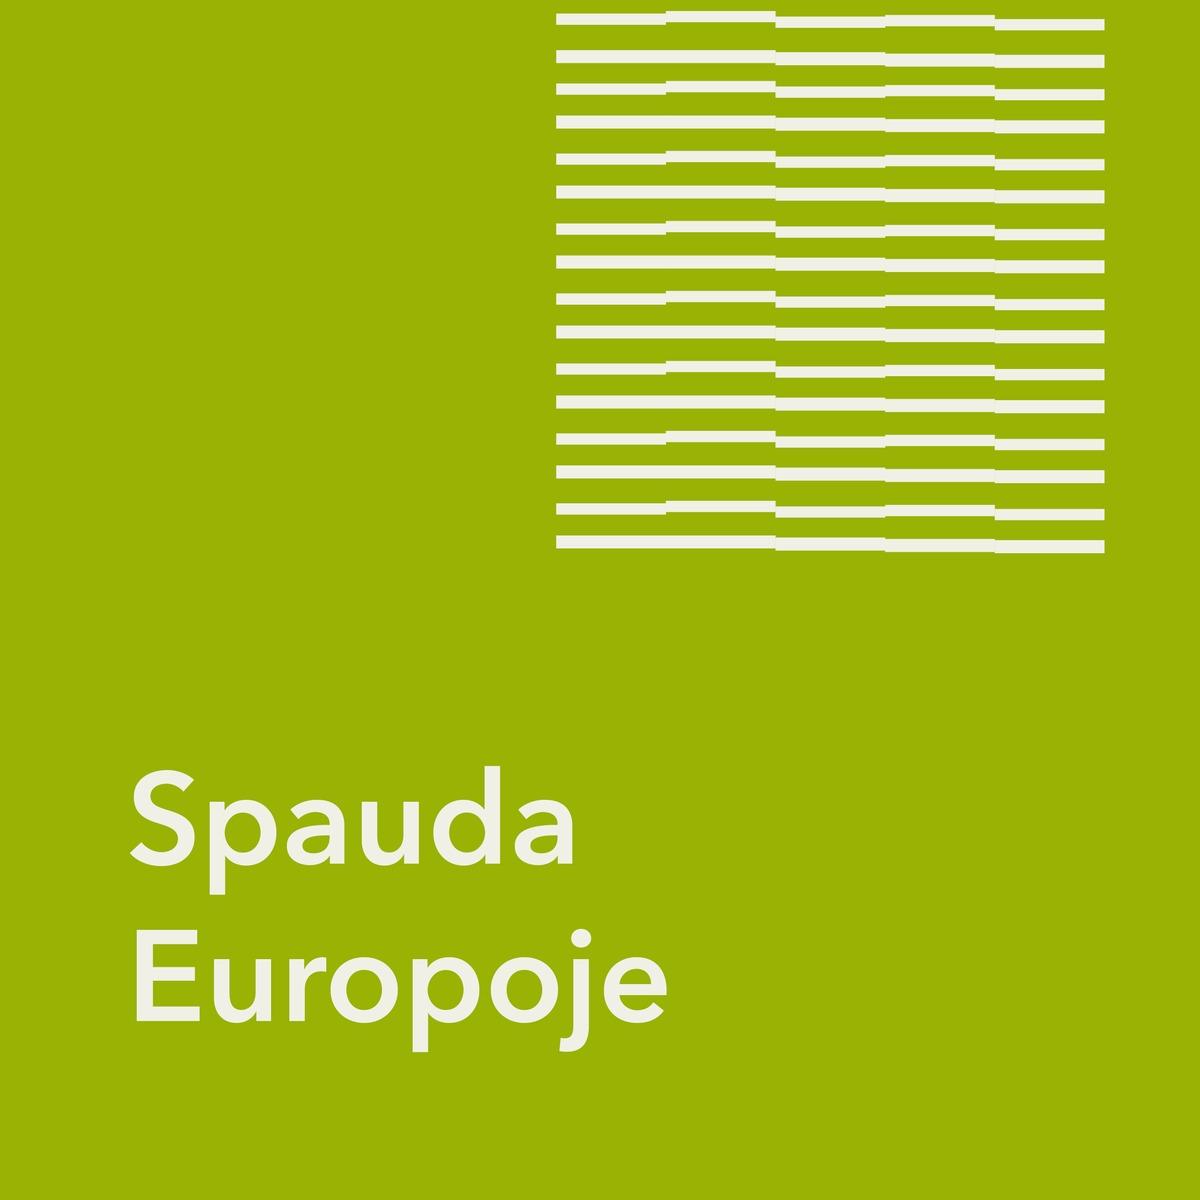 Spauda_Europoje.png